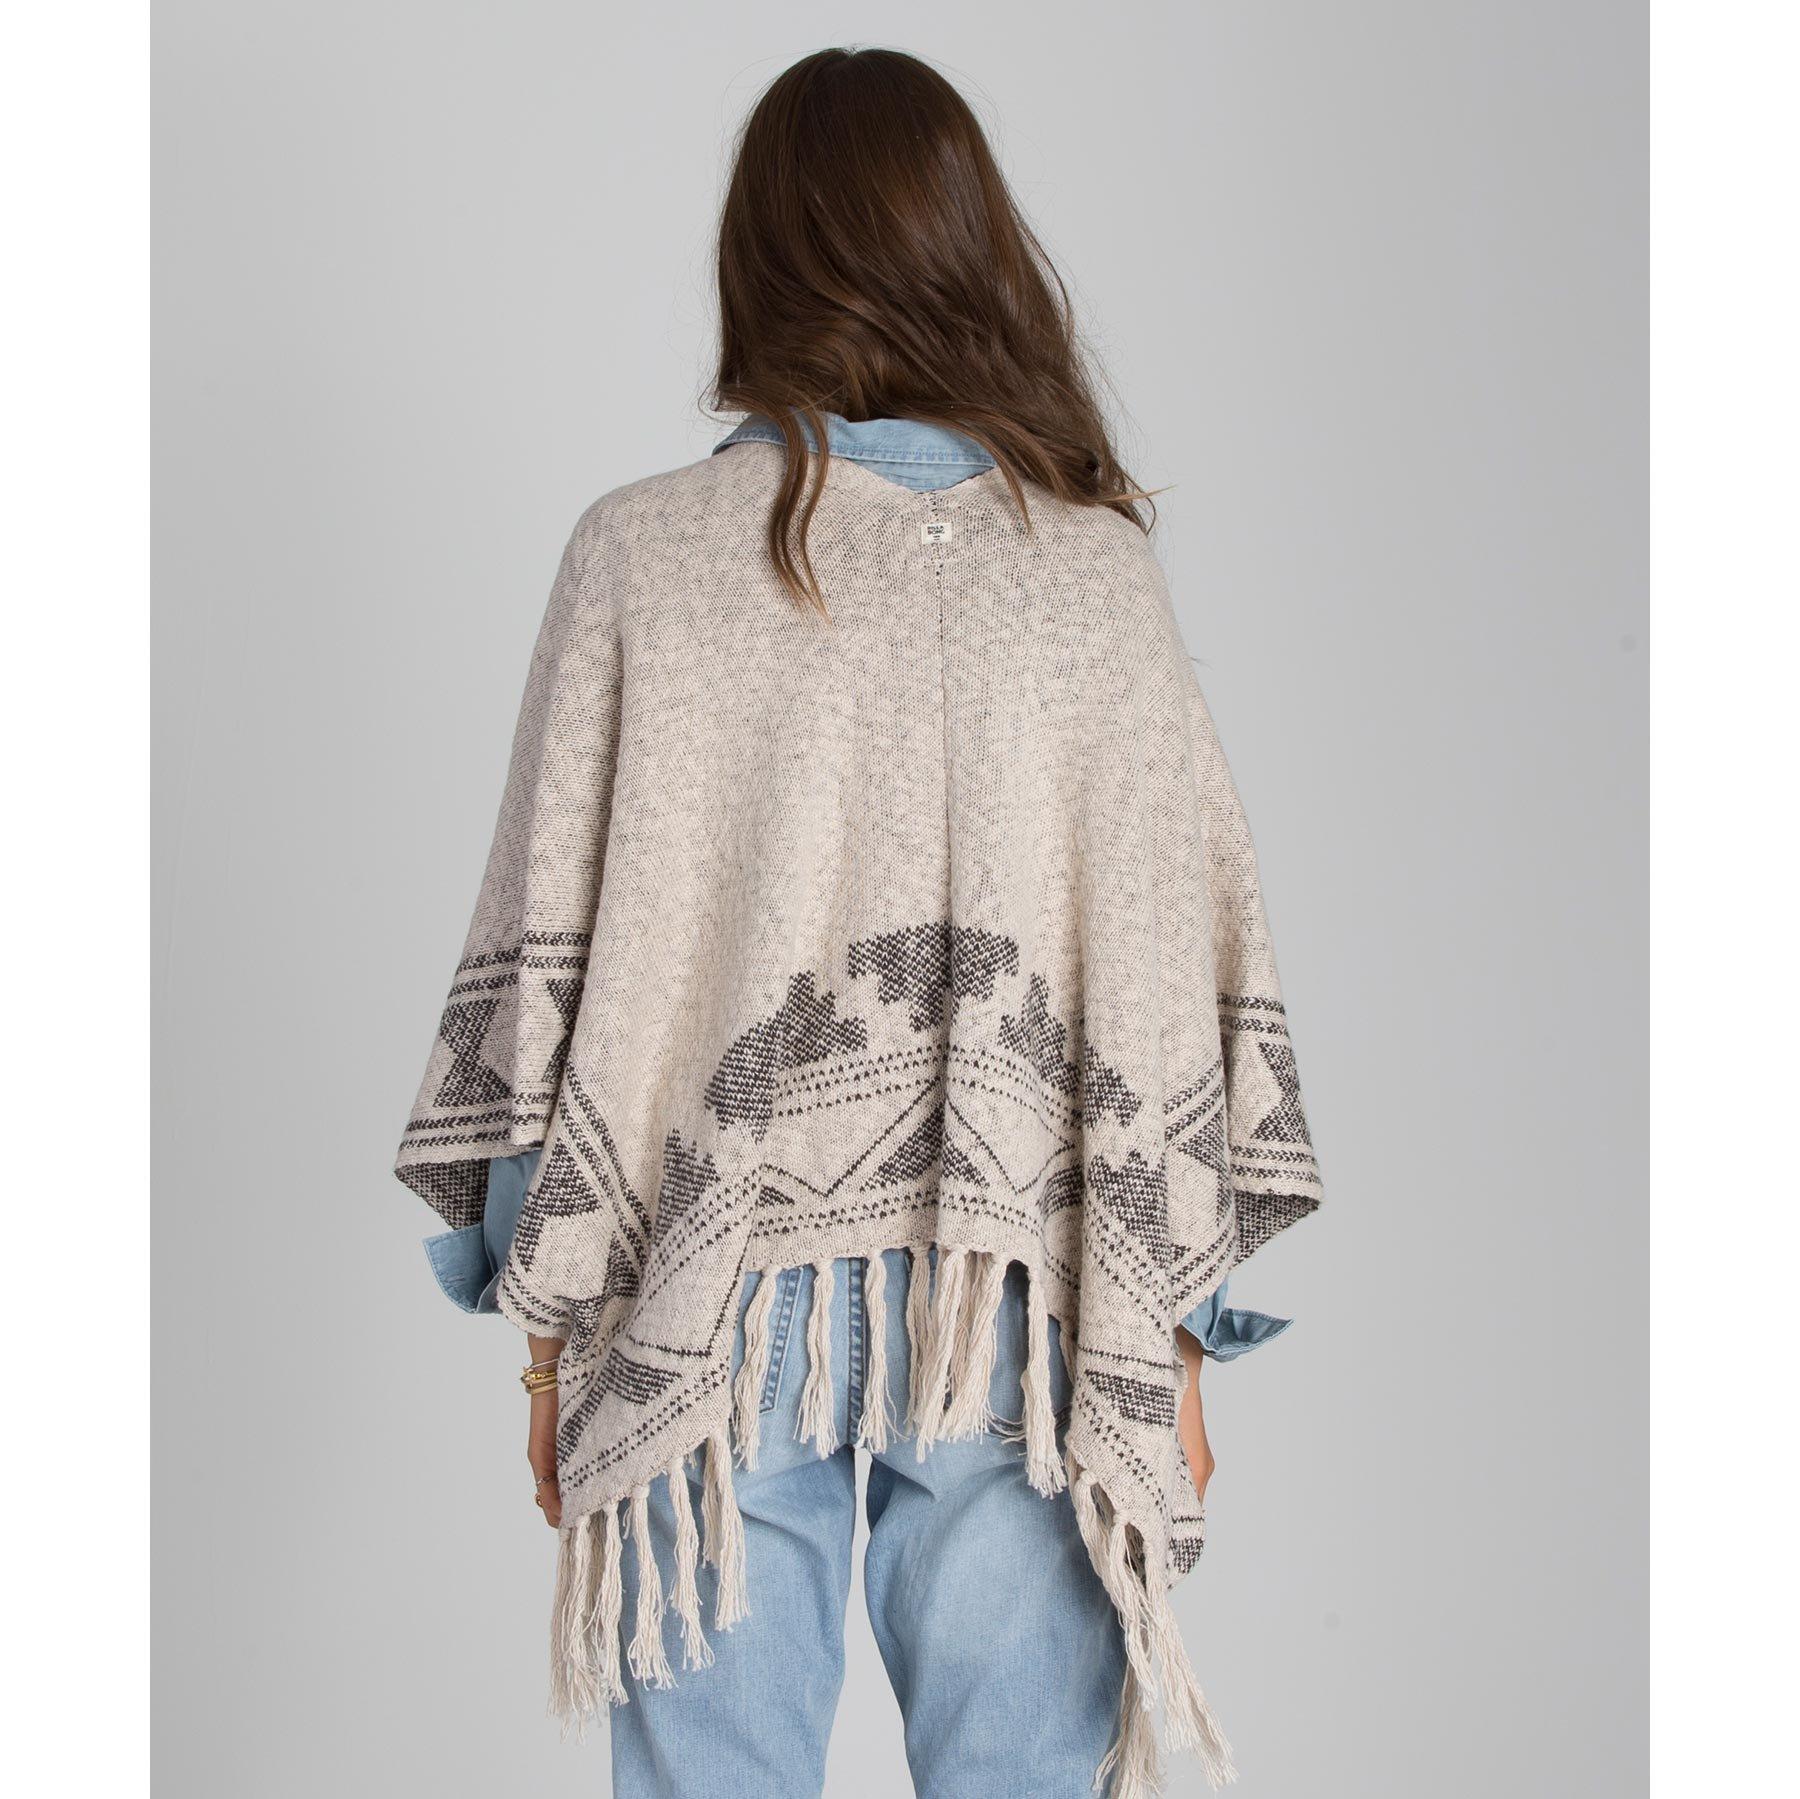 Billabong Juniors Desert Voyage Poncho Jacquard Sweater, White Cap, Medium/Large by Billabong (Image #4)